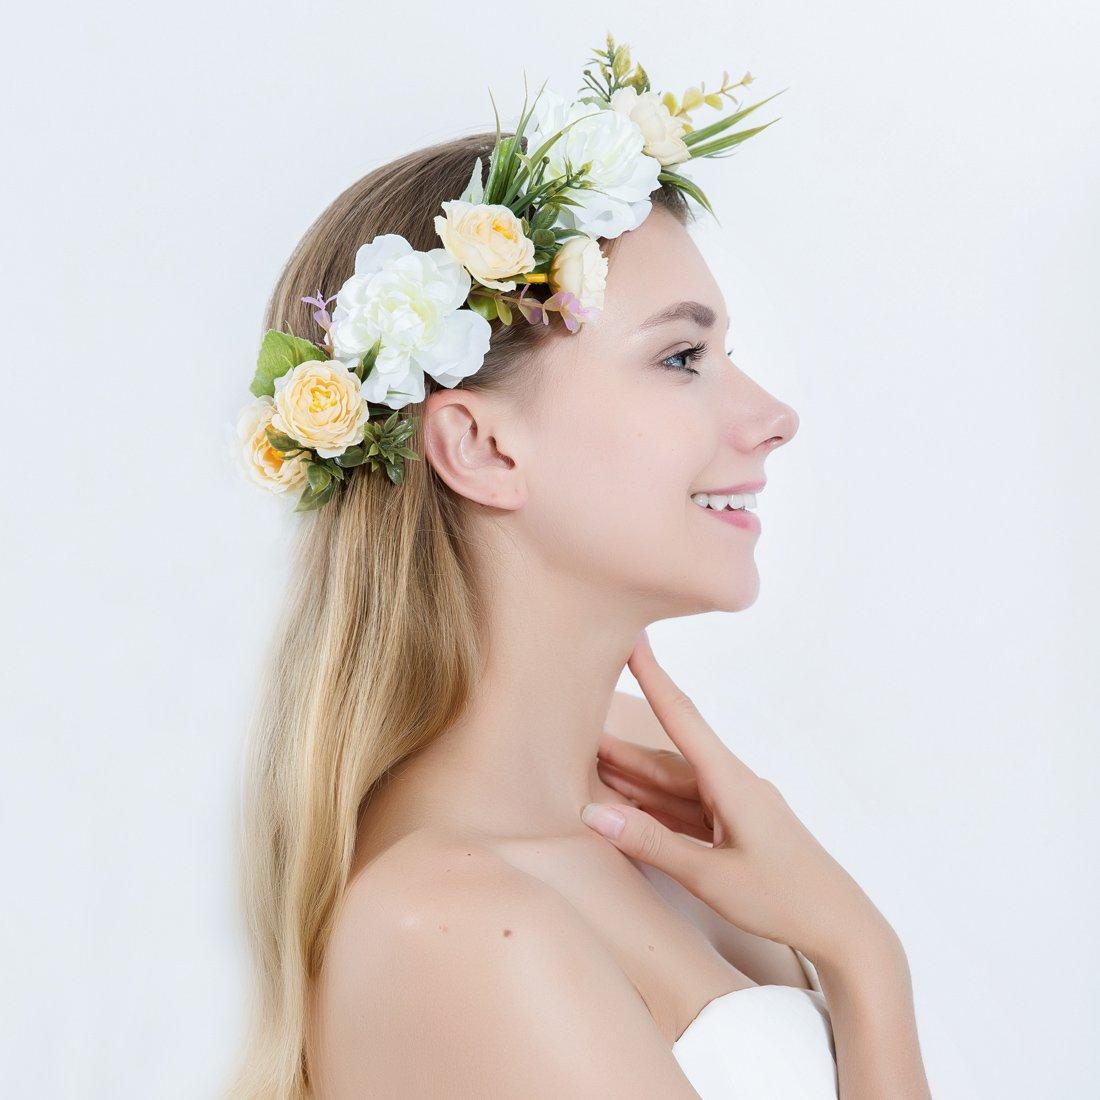 Bandeau Cheveux de Mariage Femme Couronne de Fleurs Floral Guirlande pour Festival Partie Voyage